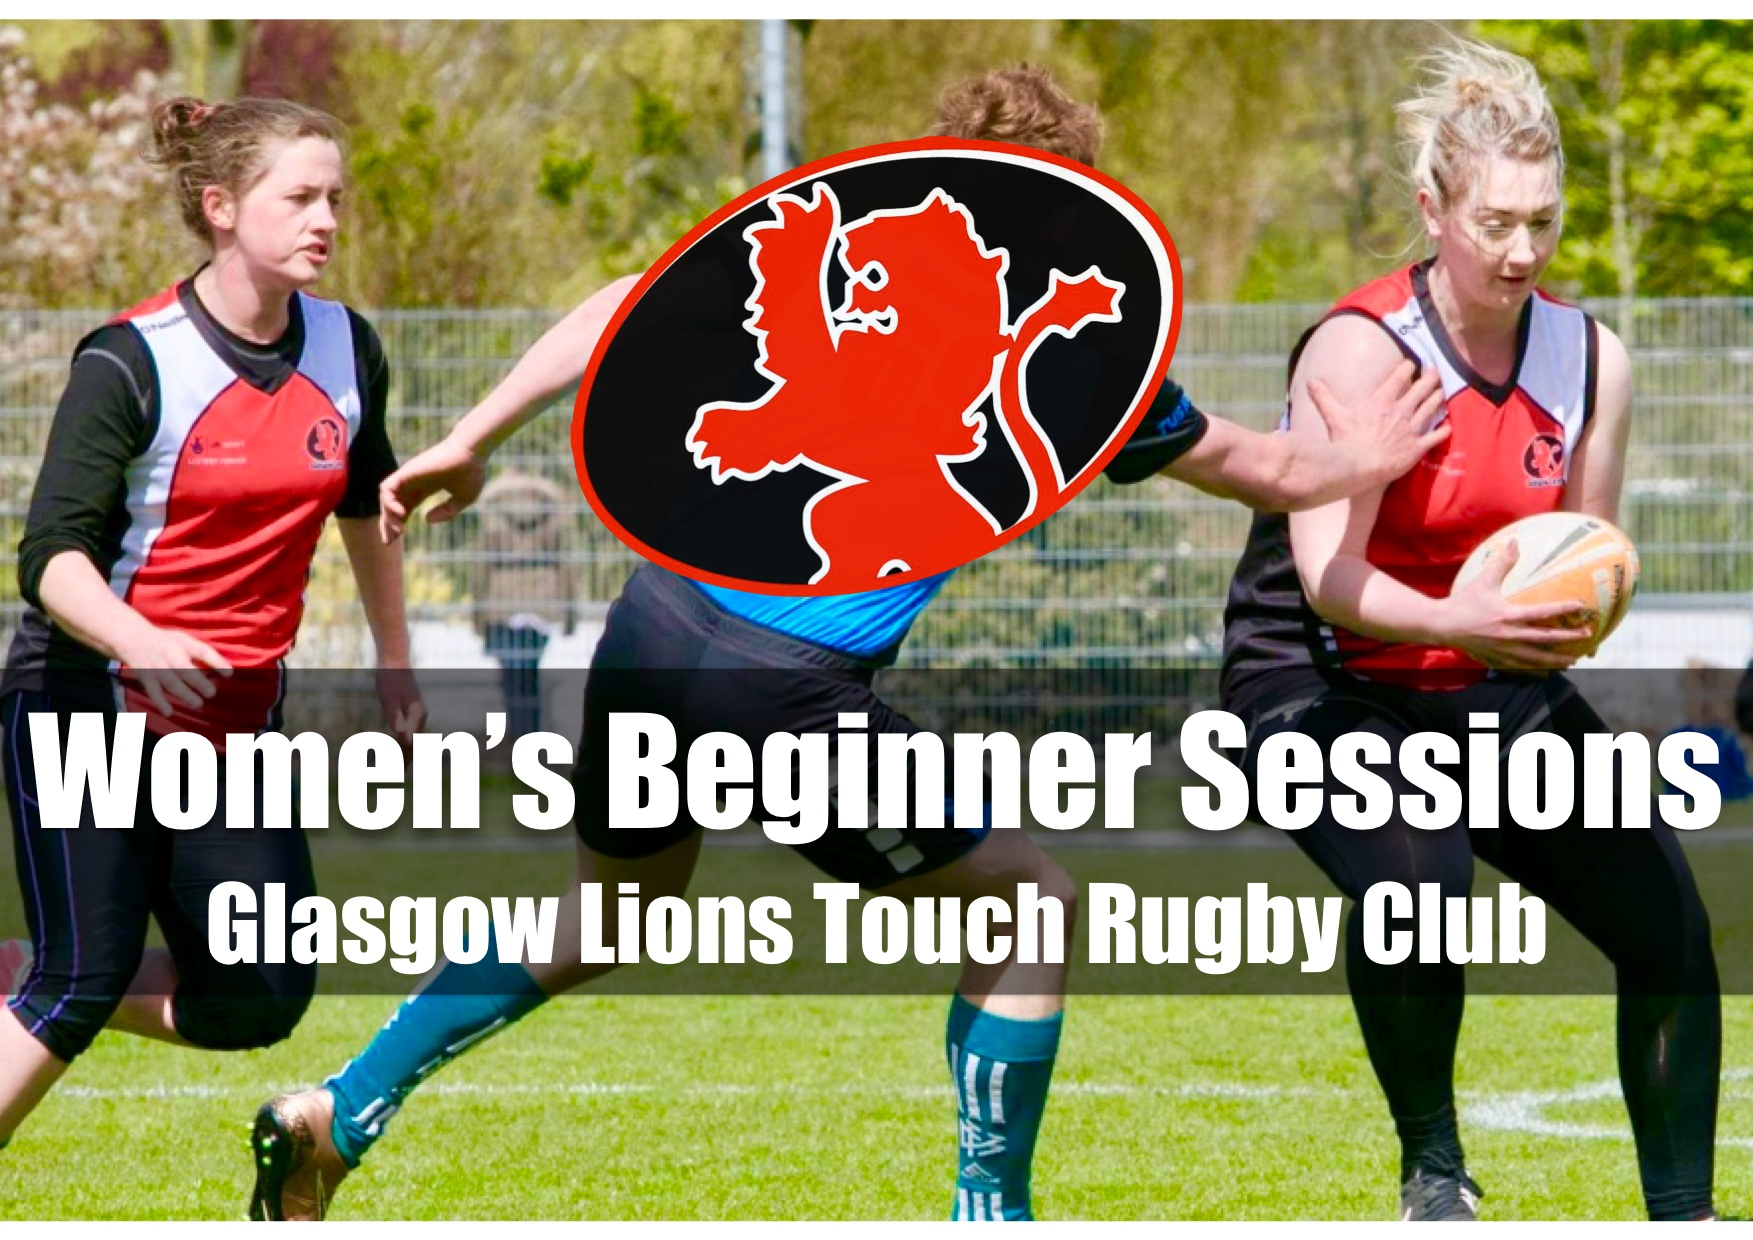 Women's Beginner Sessions